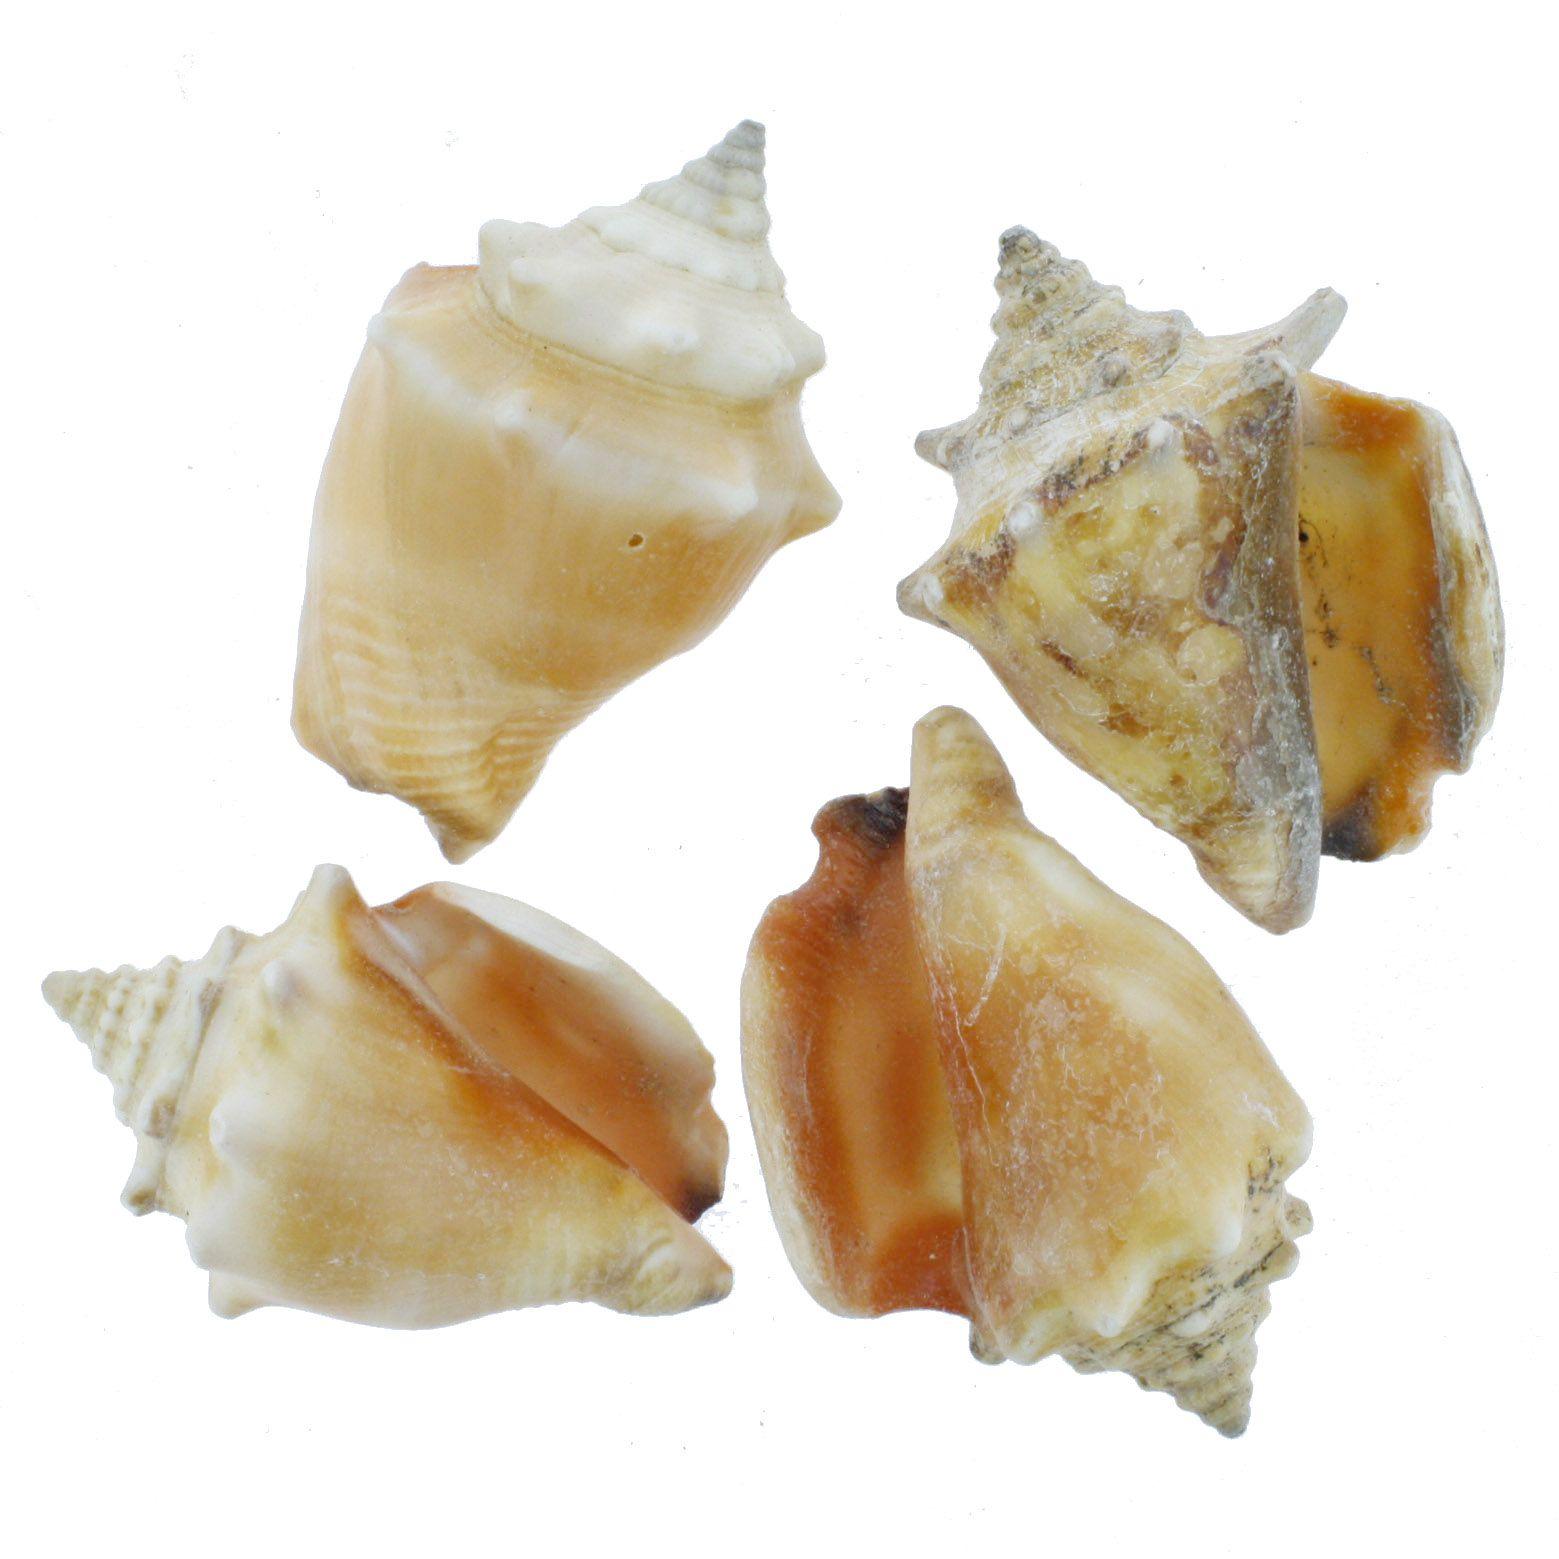 Concha - Peguari (Strombus Pugilis)  - Stéphanie Bijoux® - Peças para Bijuterias e Artesanato